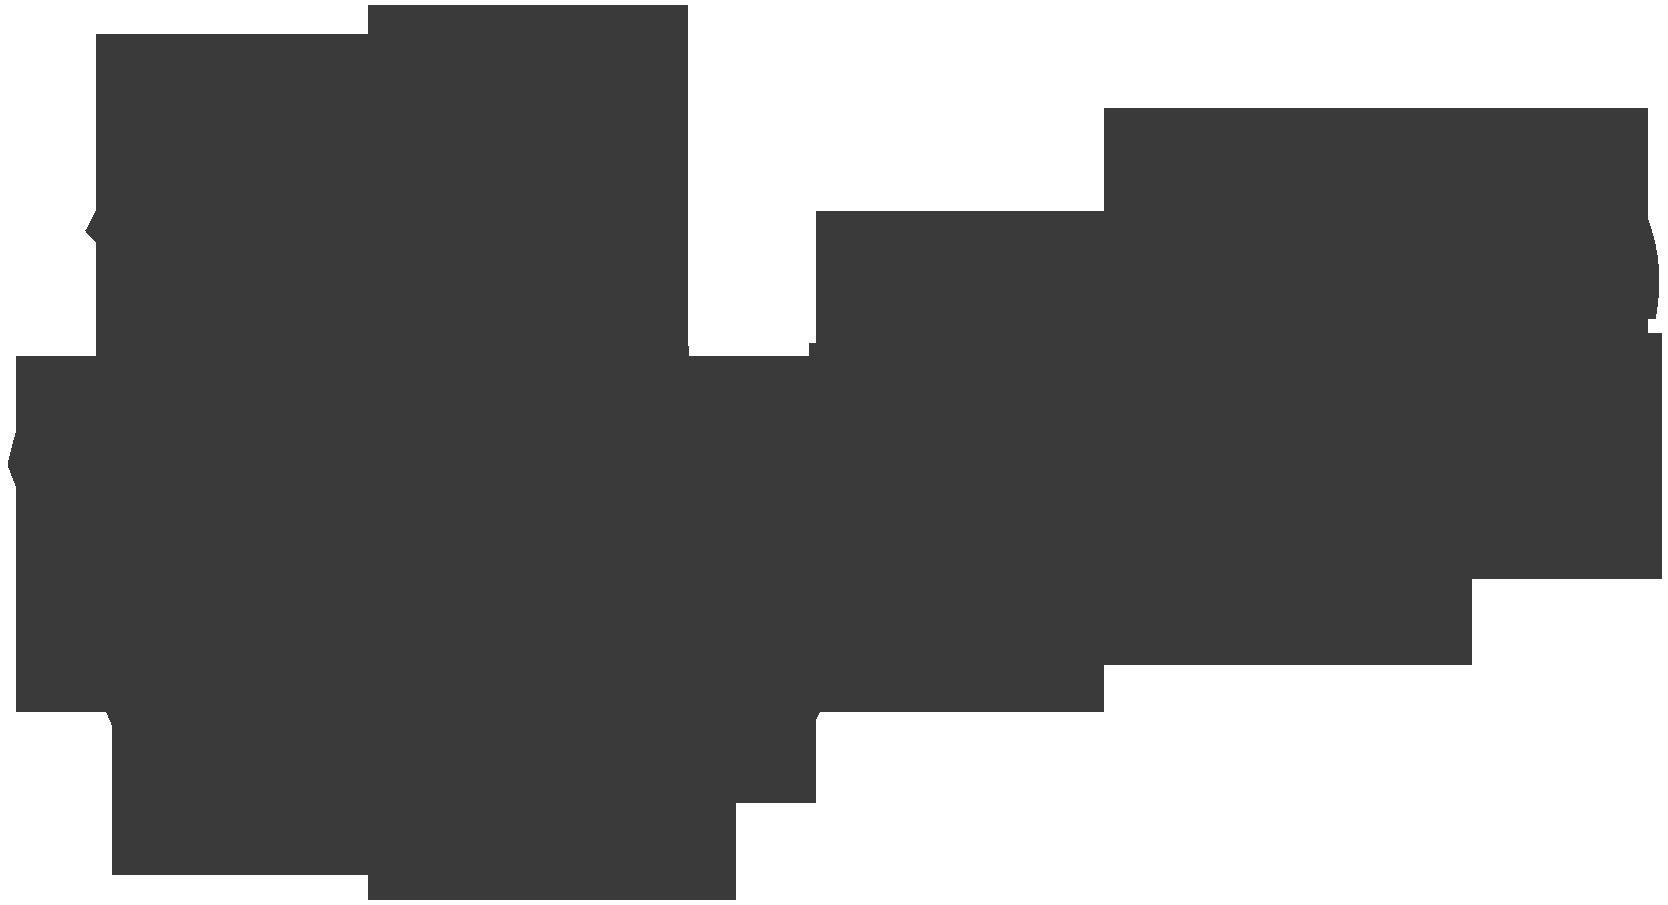 Ulutek Teknopark Siyah 1668x905 Logo